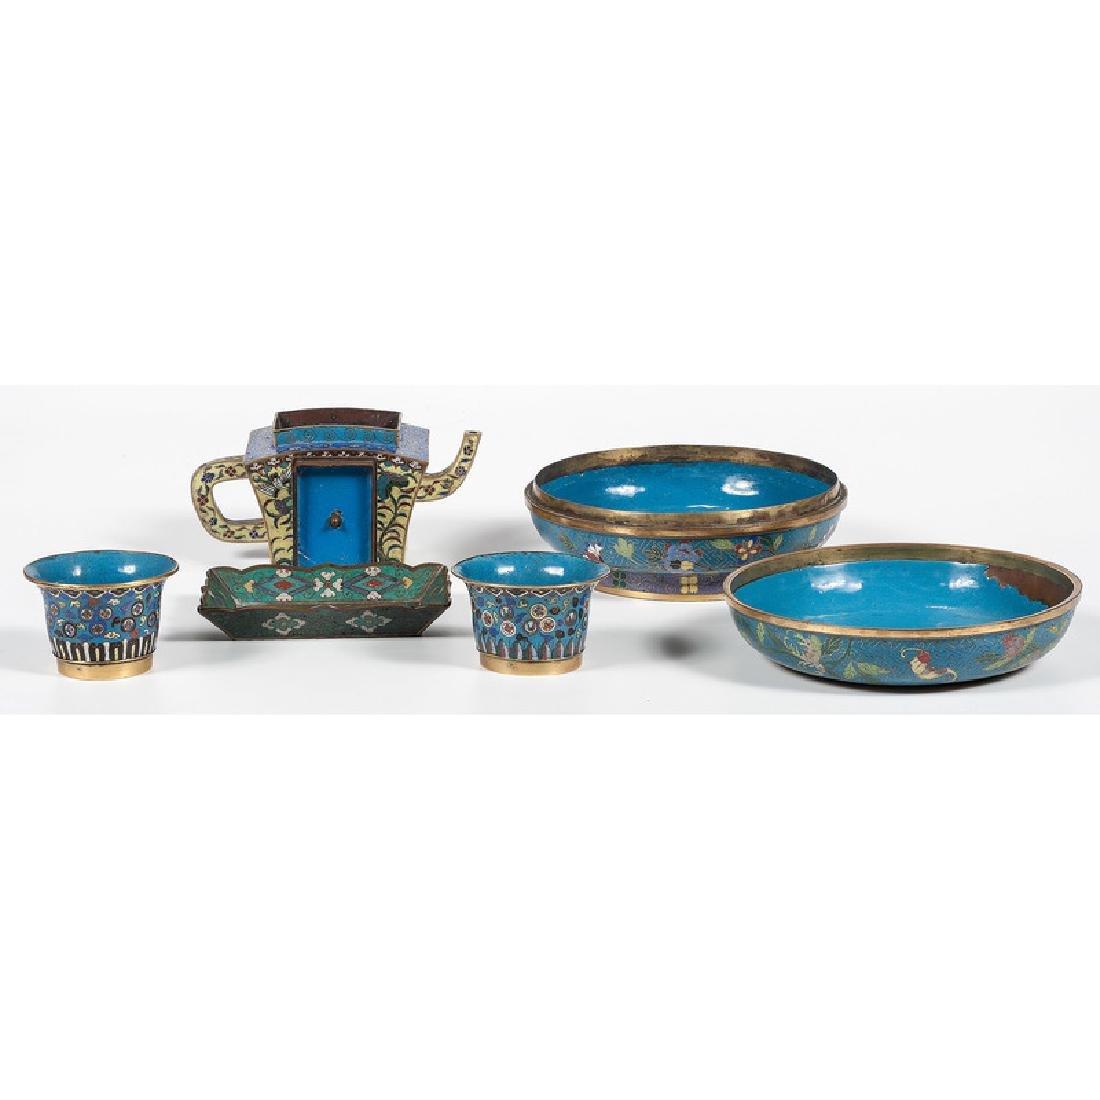 Cloisonné Teawares and Bowl - 2